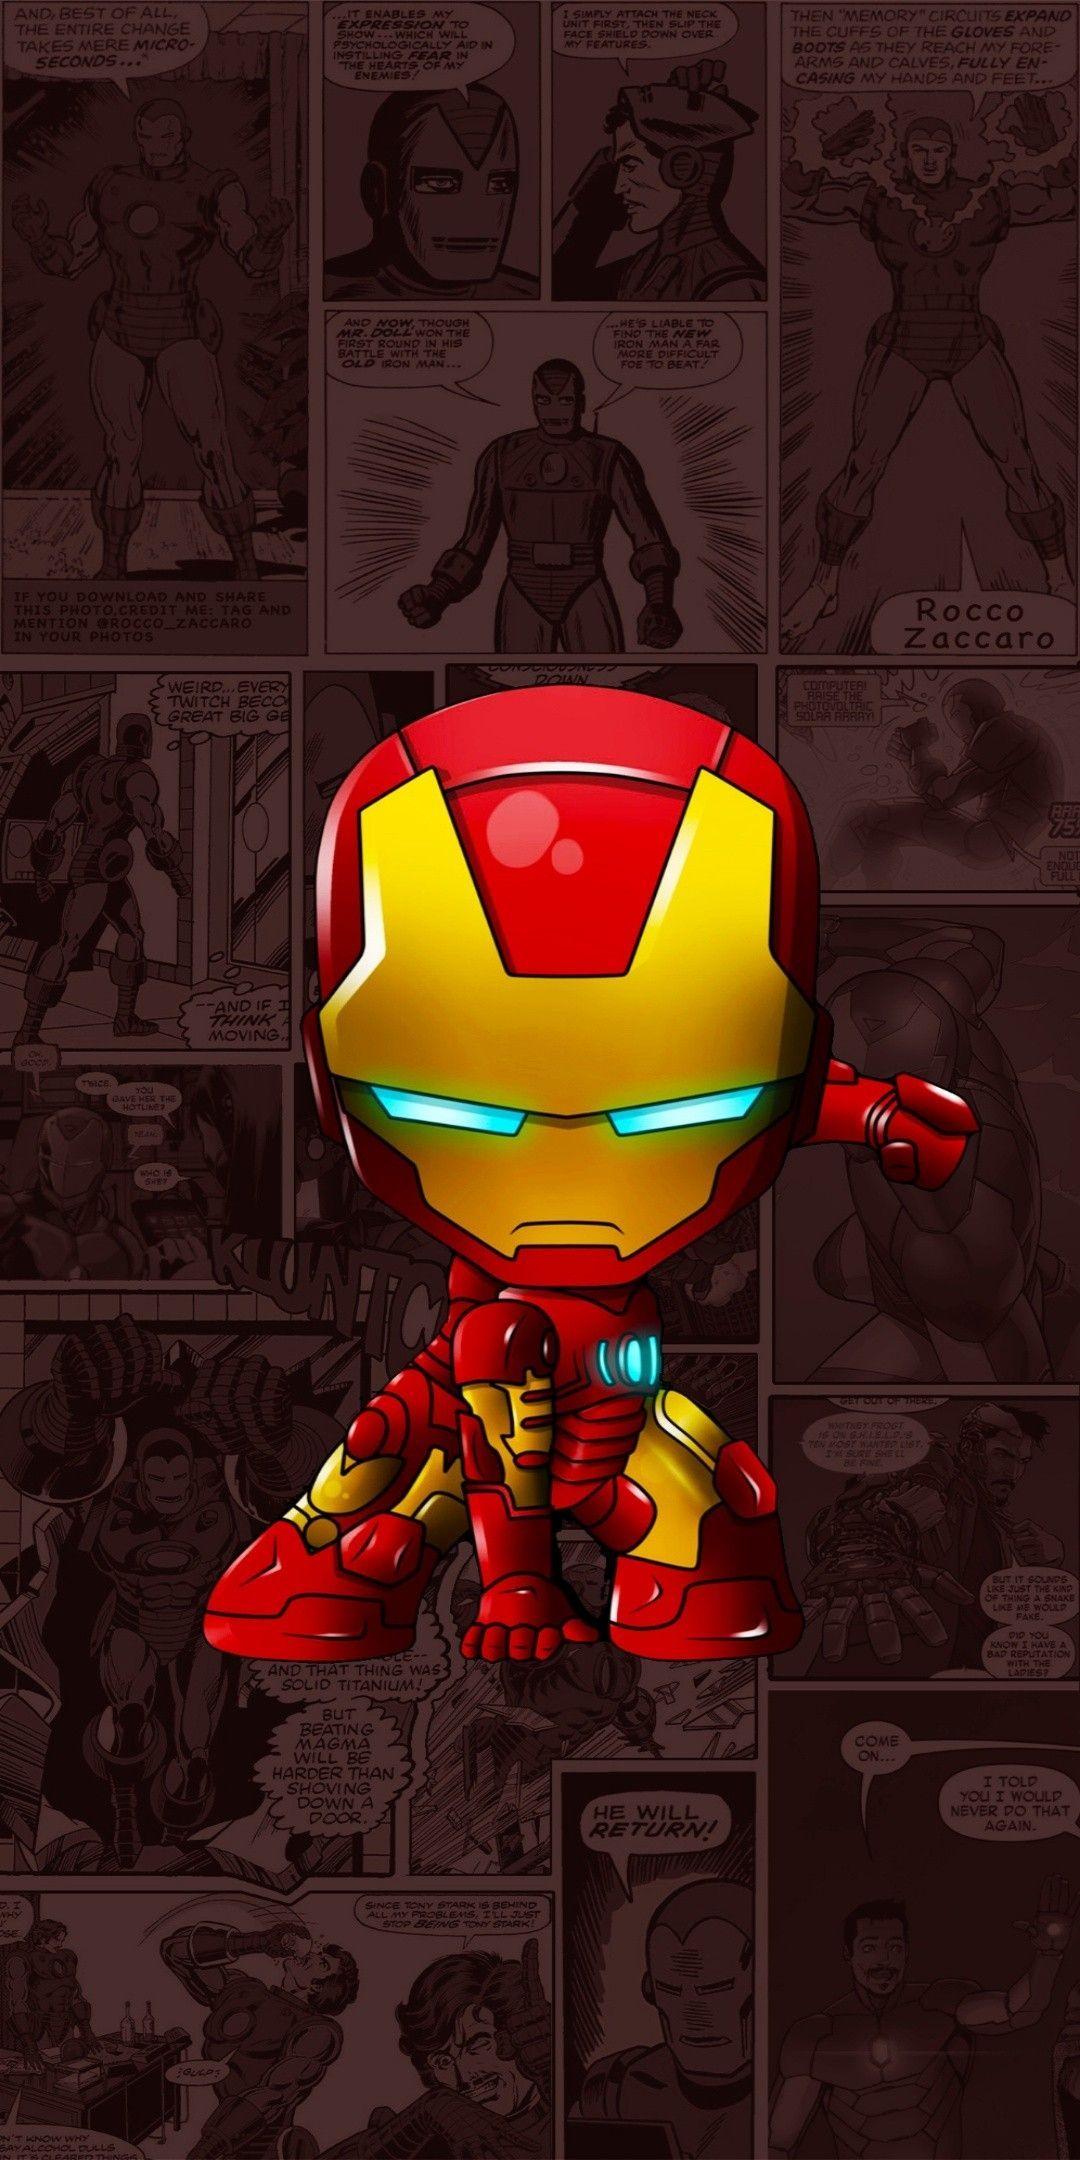 Download Cool Marvel Wallpaper For Android Phone Today Papel De Parede Vingadores Papel De Parede Marvel Fotos De Super Herois